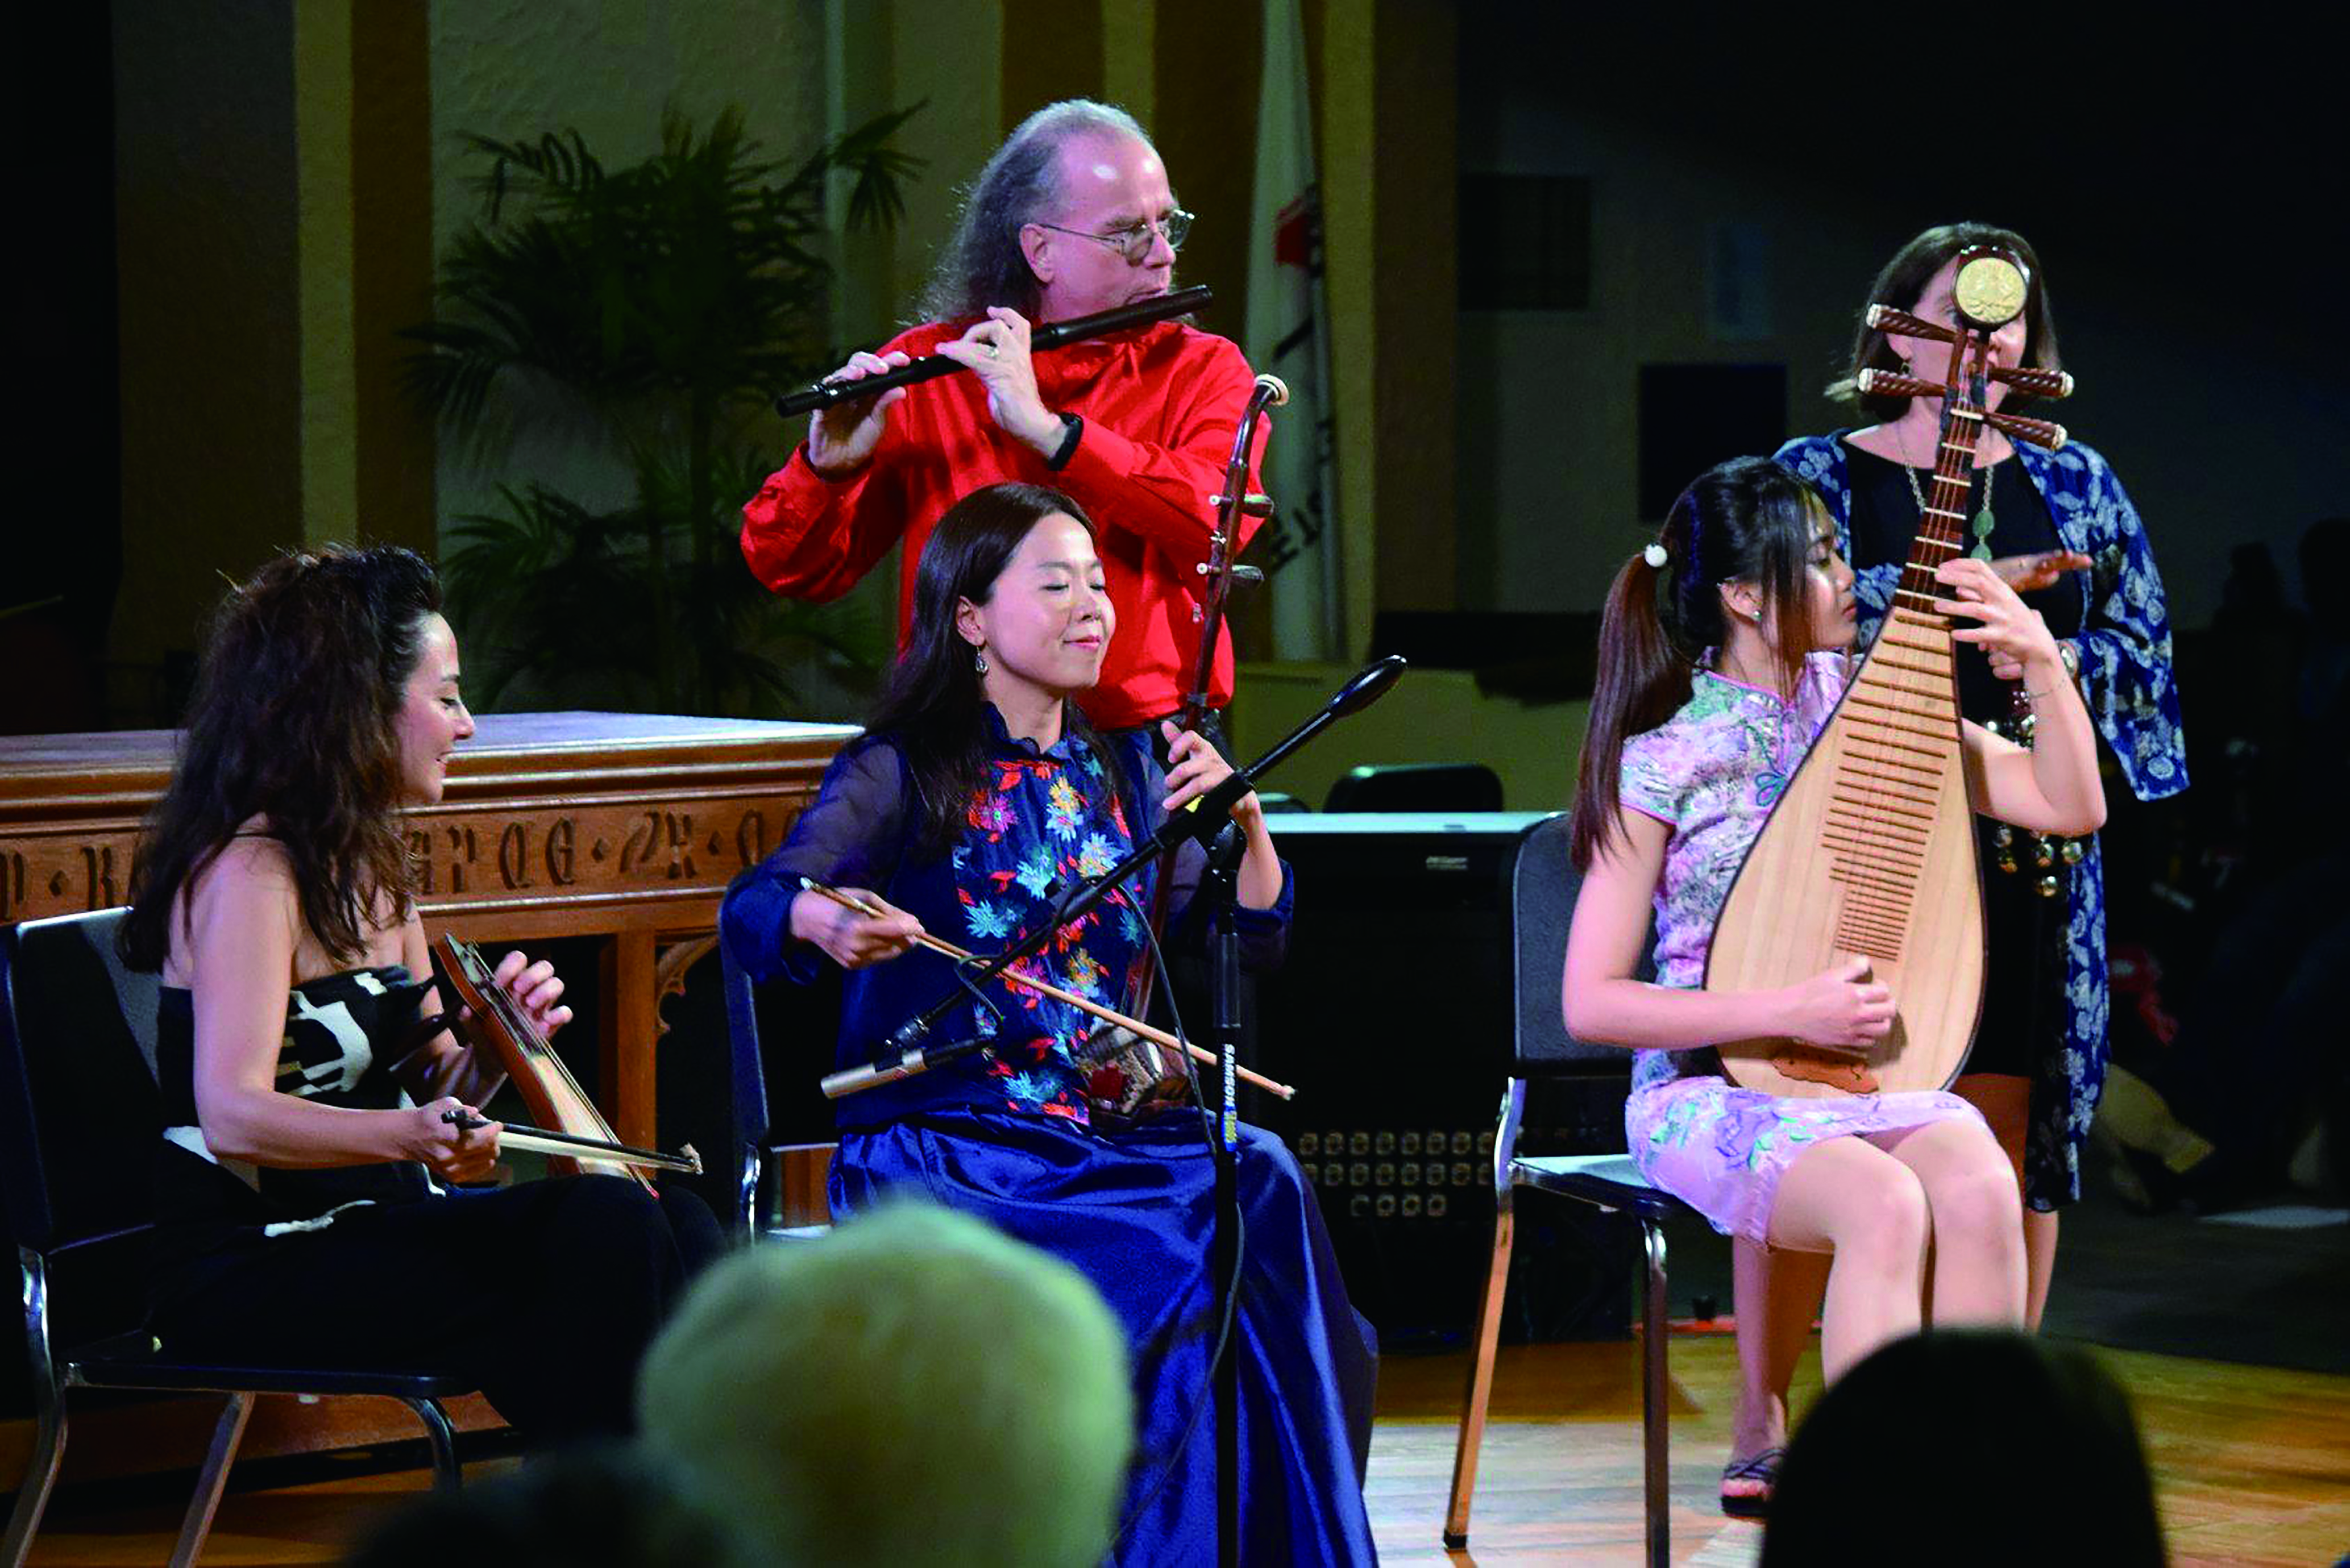 圖7工作坊的演出裡,包括二胡、琵琶、西方吹管樂器、聲樂與來自土耳其的Kemence 一起演奏。.jpg